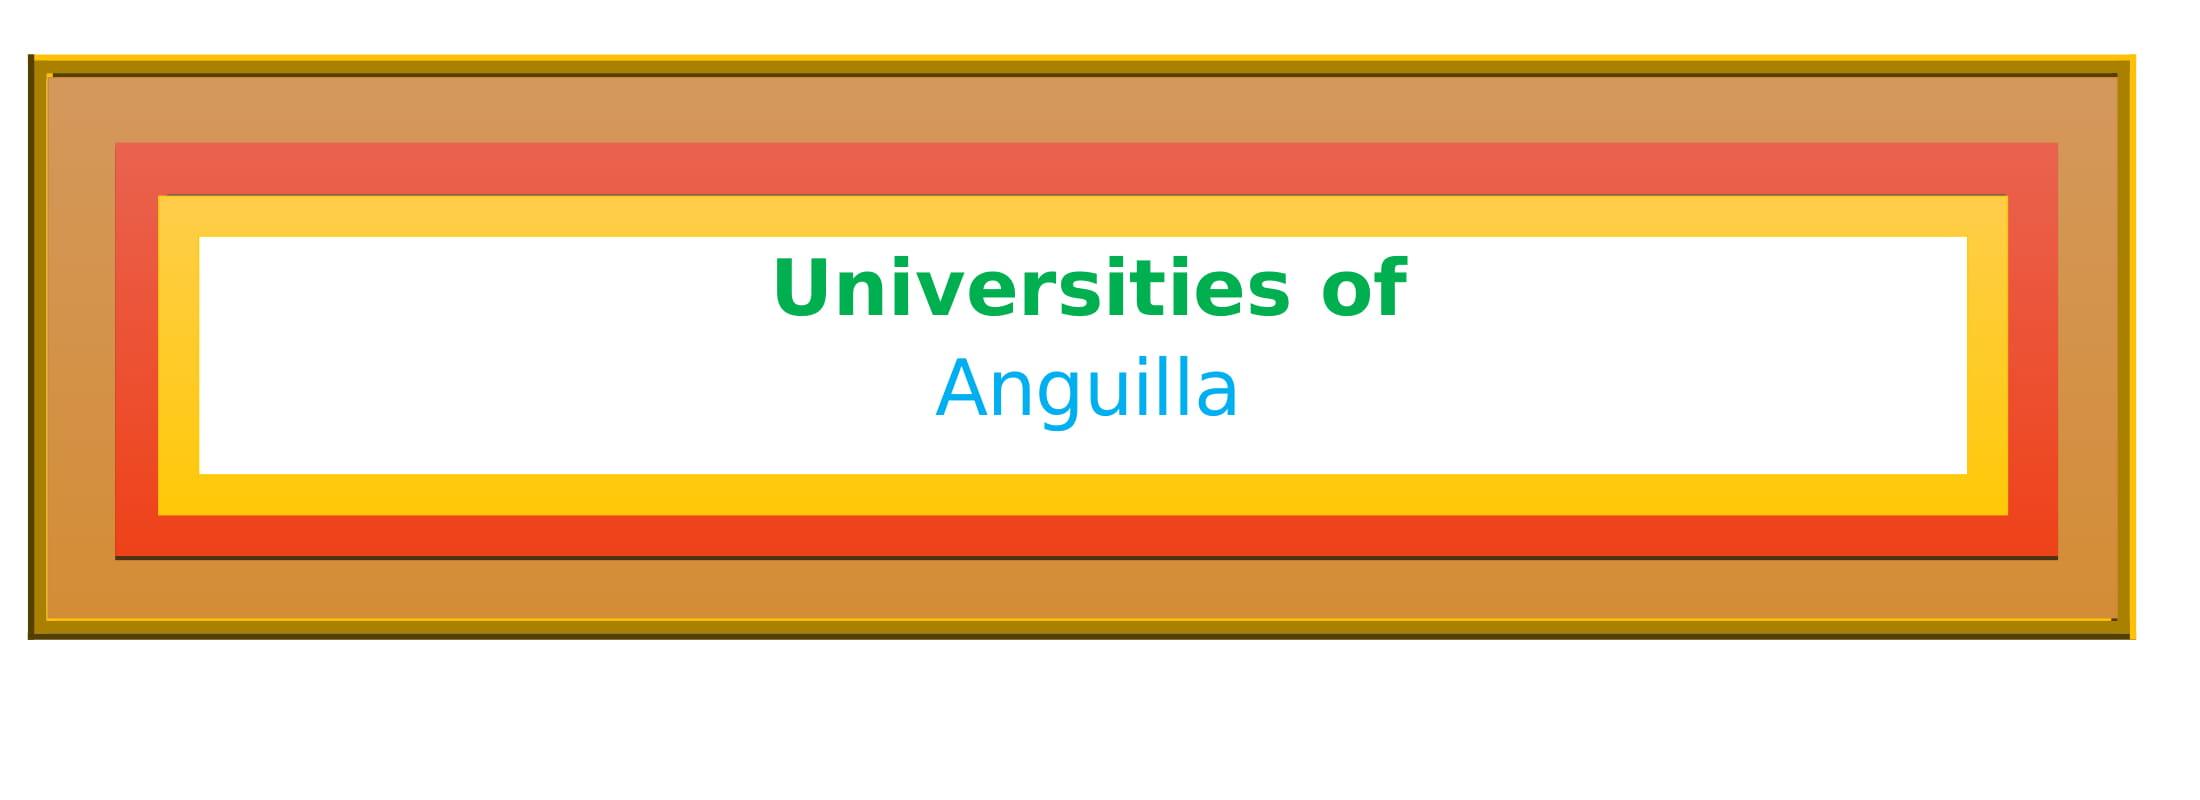 List of Universities in Anguilla